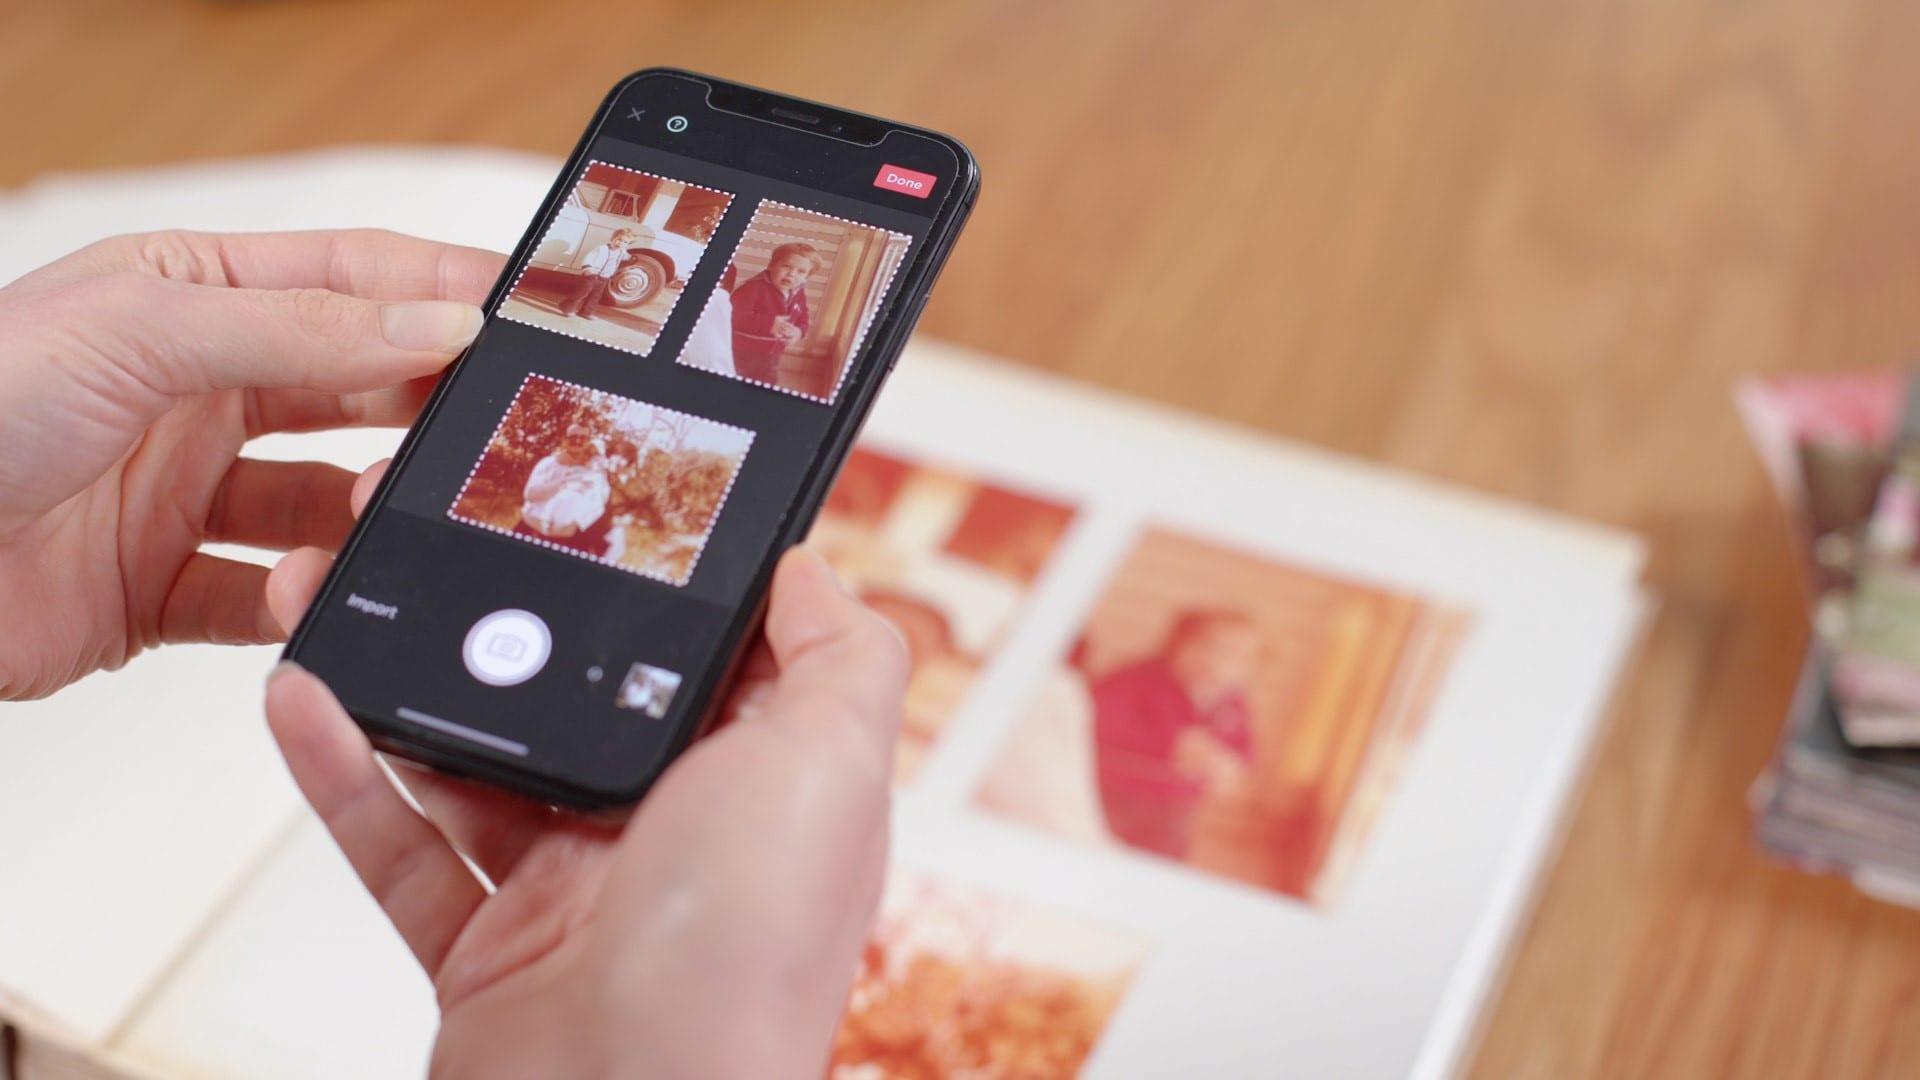 אפליקציית פוטומיין לסריקת אלבום תמונות